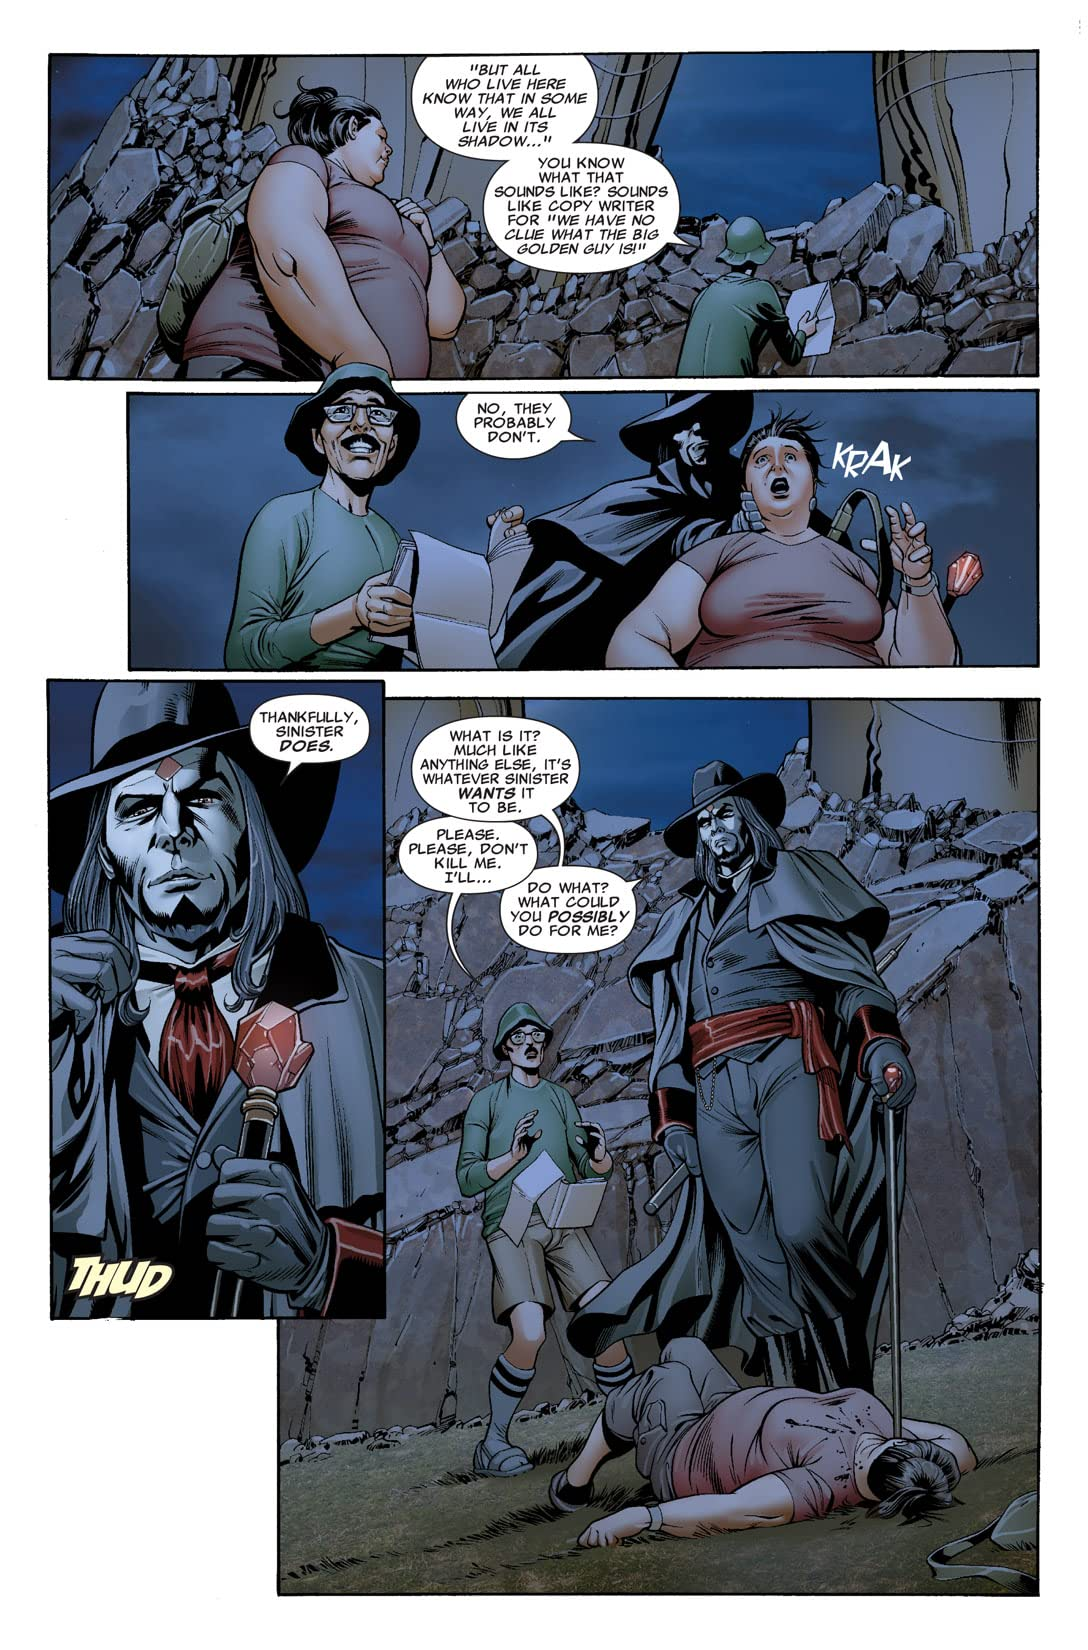 Uncanny X-Men by Kieron Gillen Vol. 1